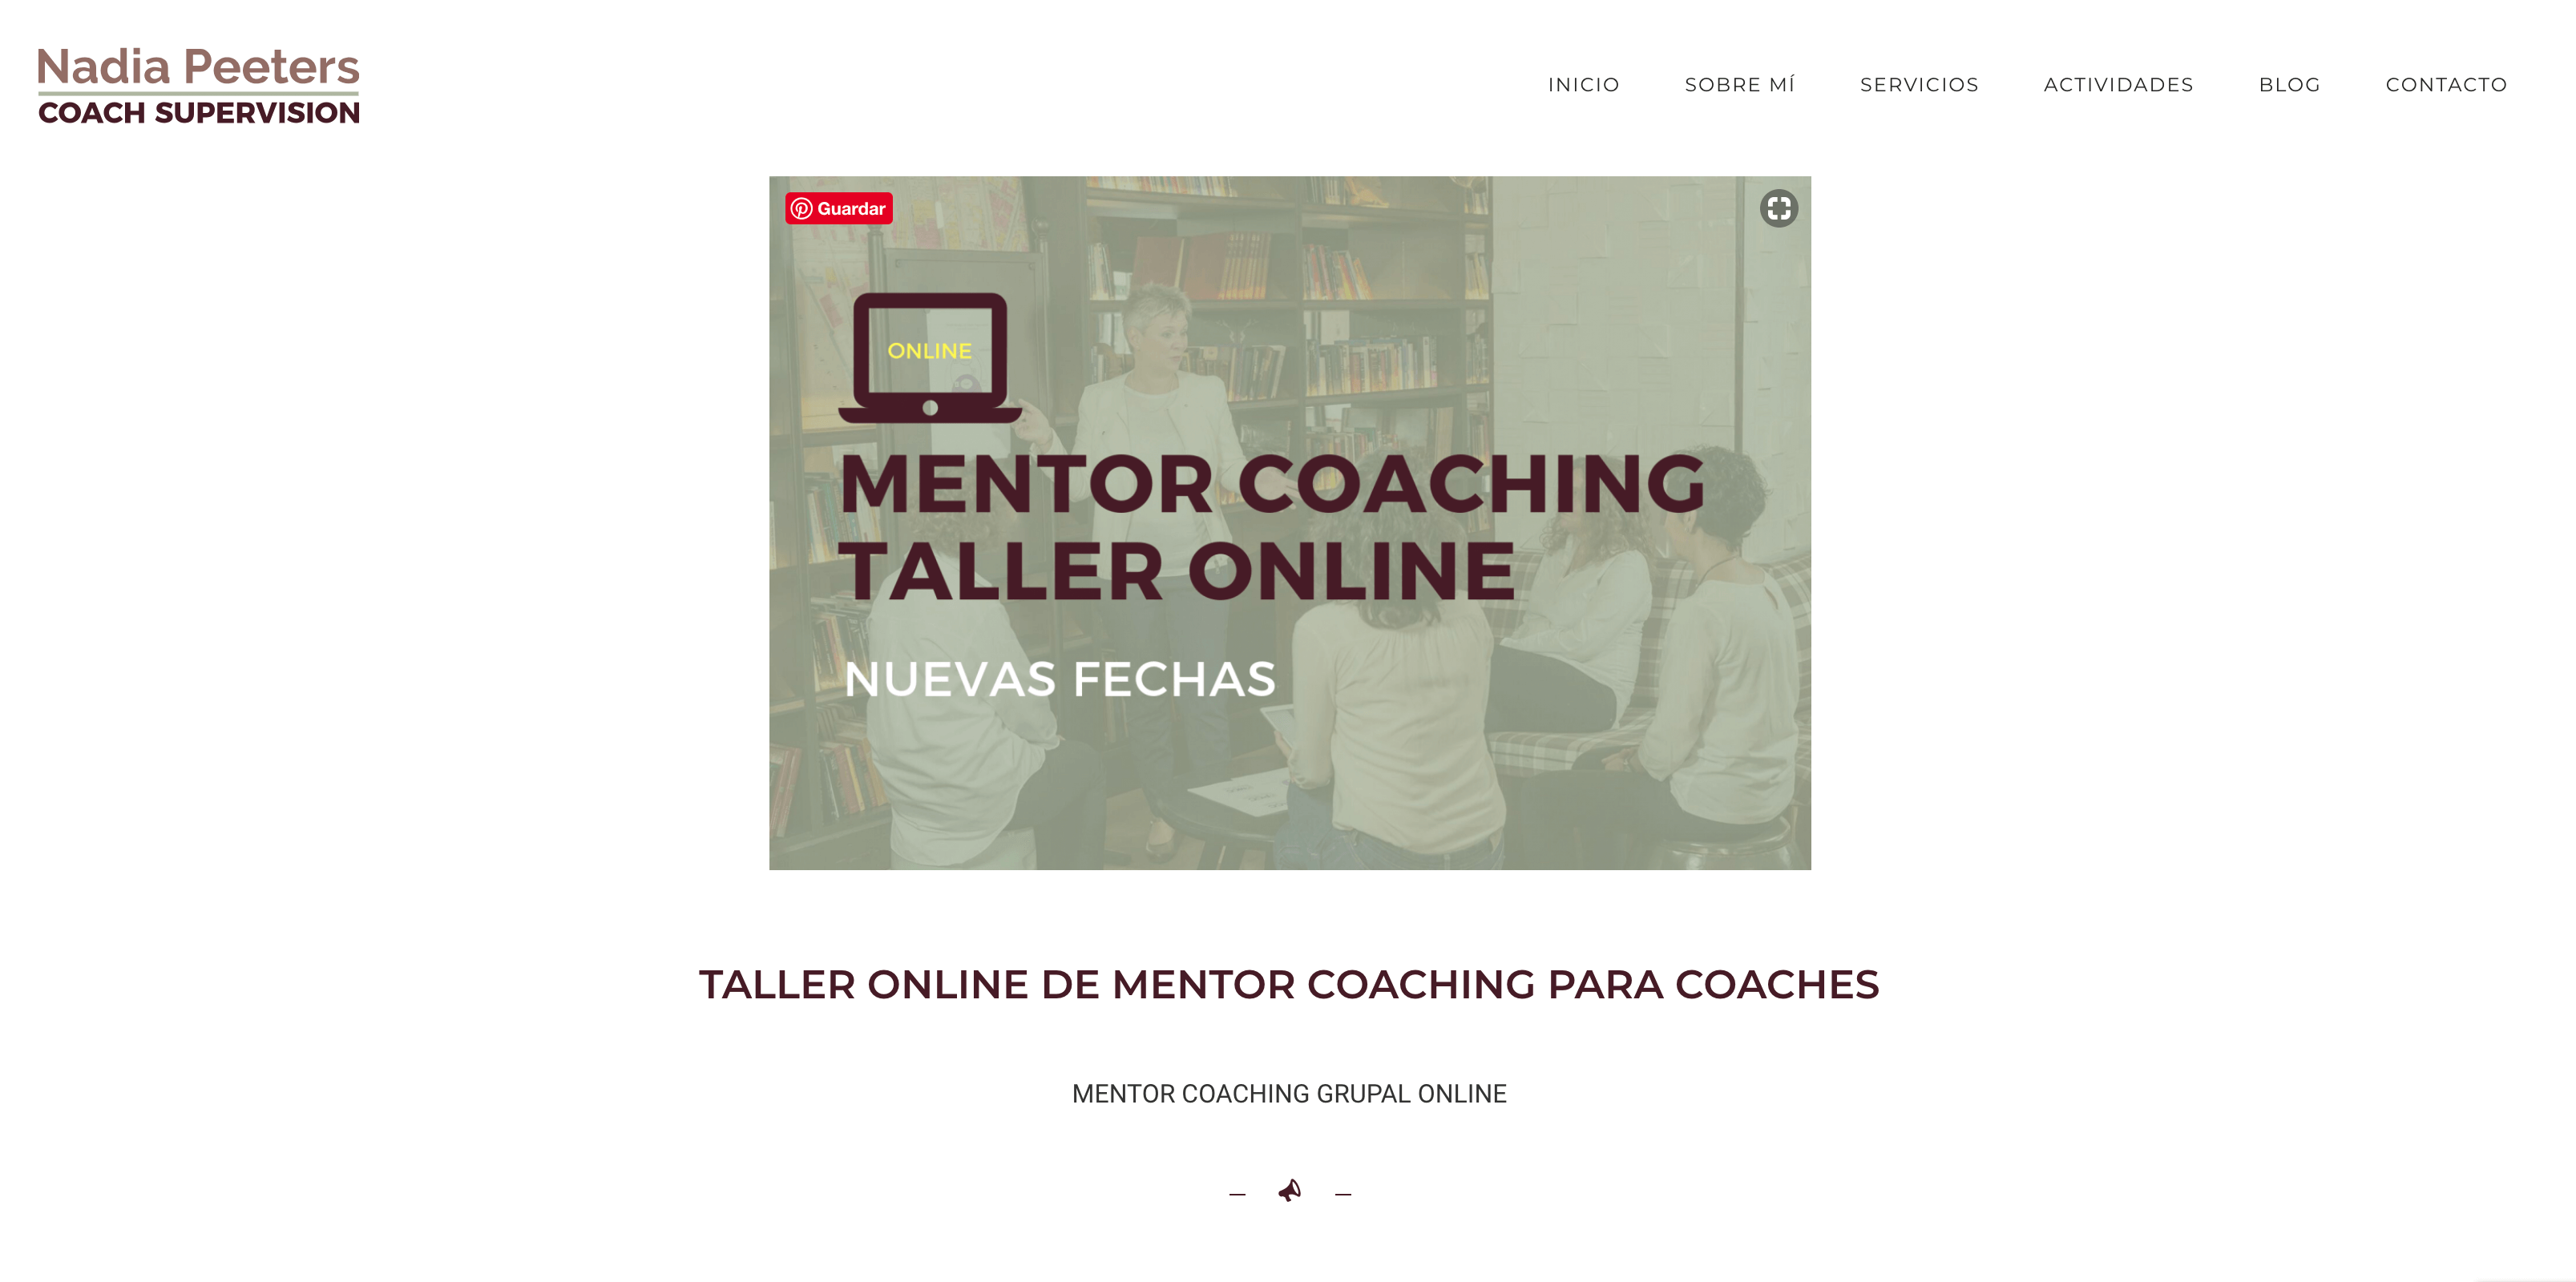 infoproducto de coaching